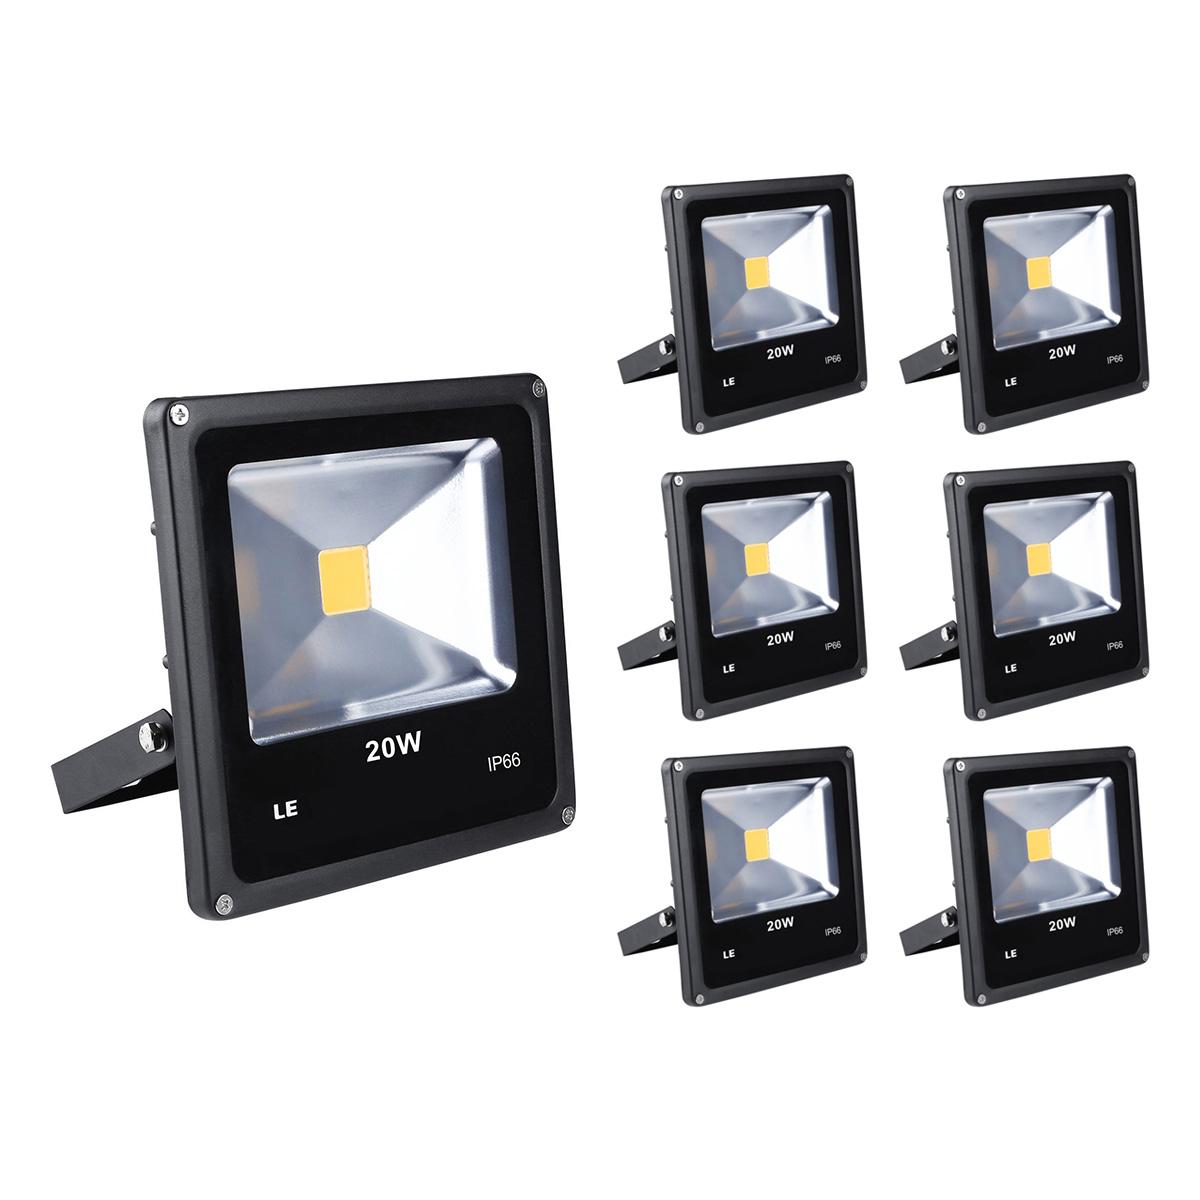 [Bündel] LED Strahler 20W, 1500lm, ersetzt 200W Halogenlampe, Kaltweiß, Wasserdicht IP66, Außenleuchten, Signallampe, 6er Set